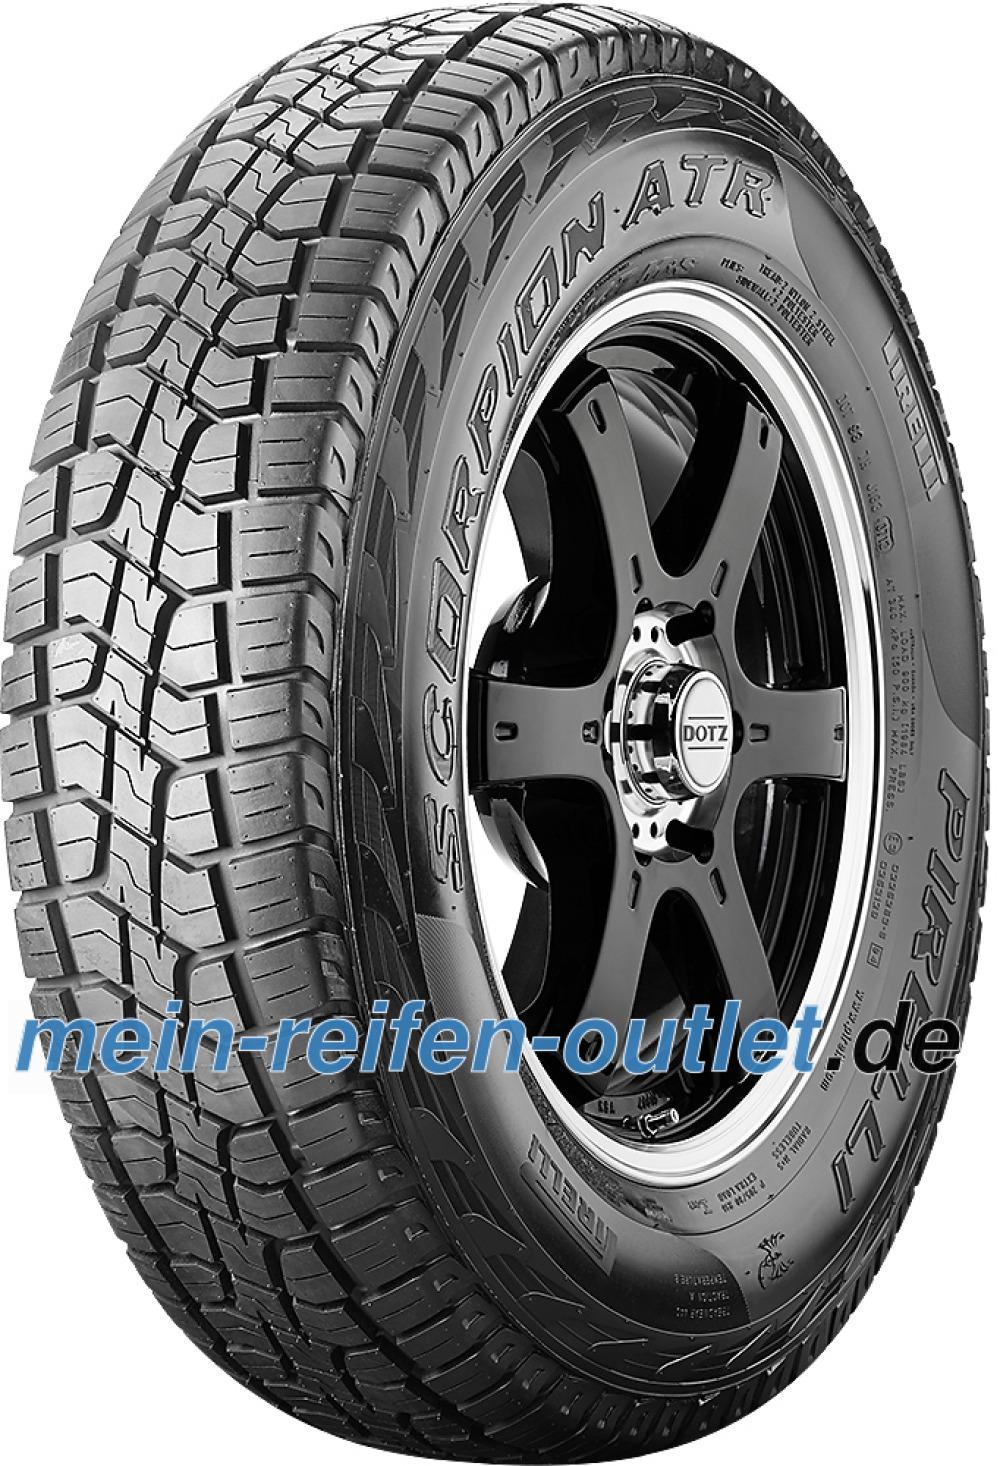 Pirelli Scorpion ATR ( 185/75 R16 93T )